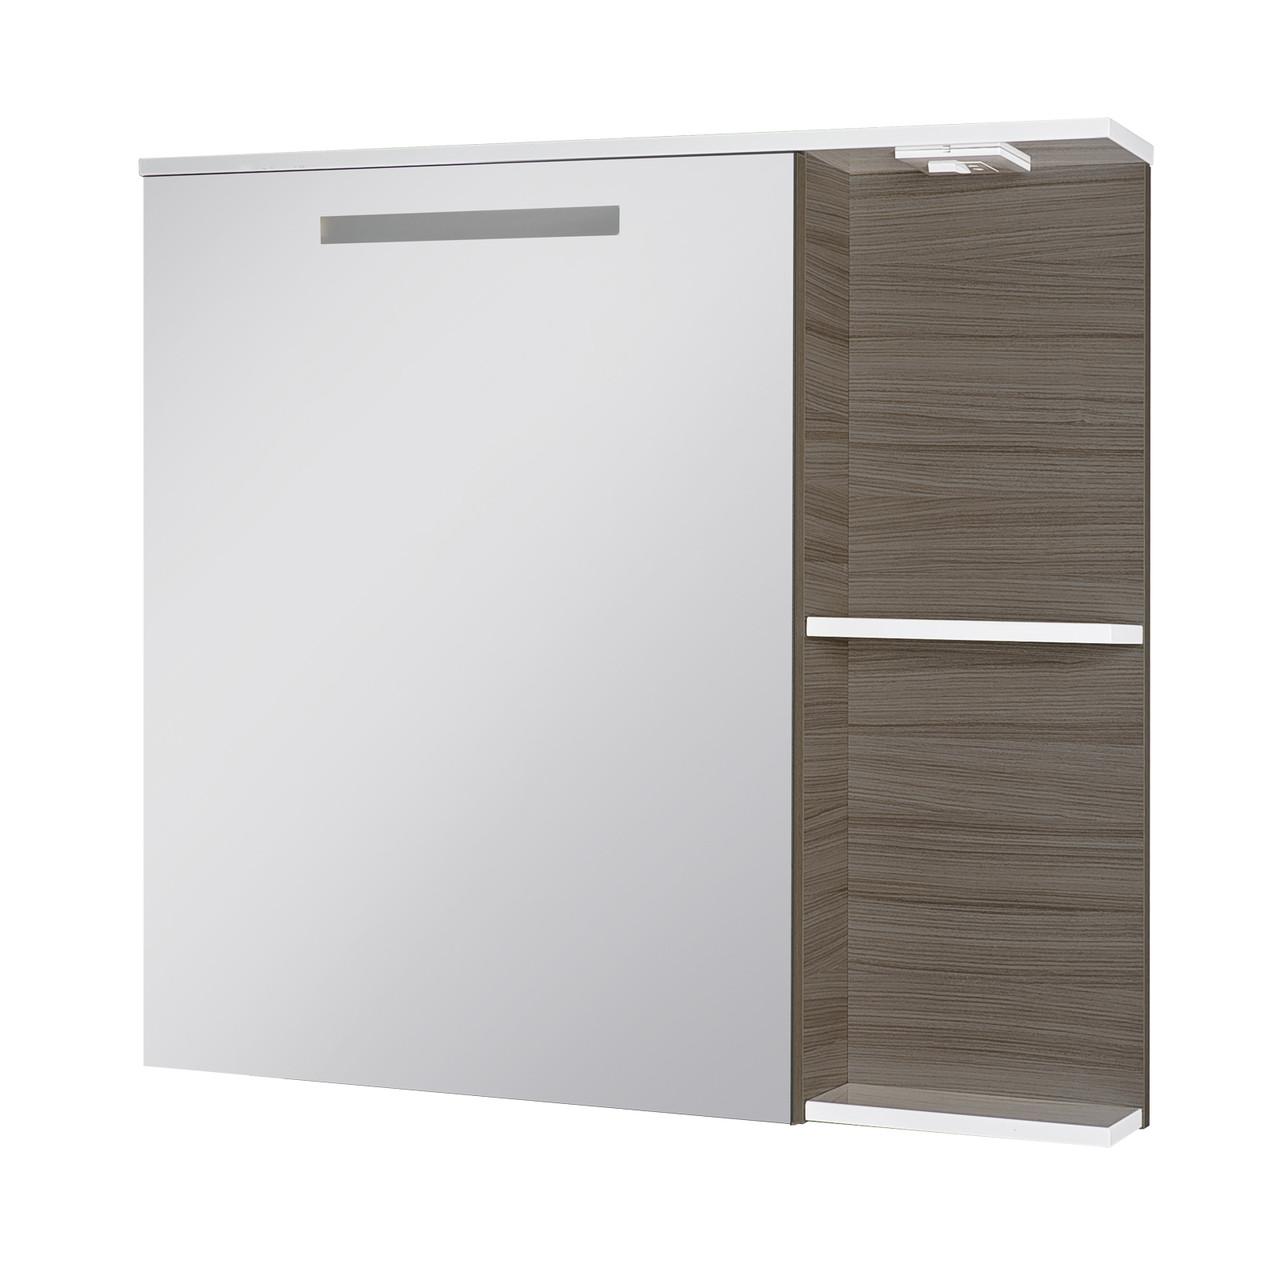 Зеркальный шкаф Ювента Sofia Nova СнШНЗ-85 Grey-brown